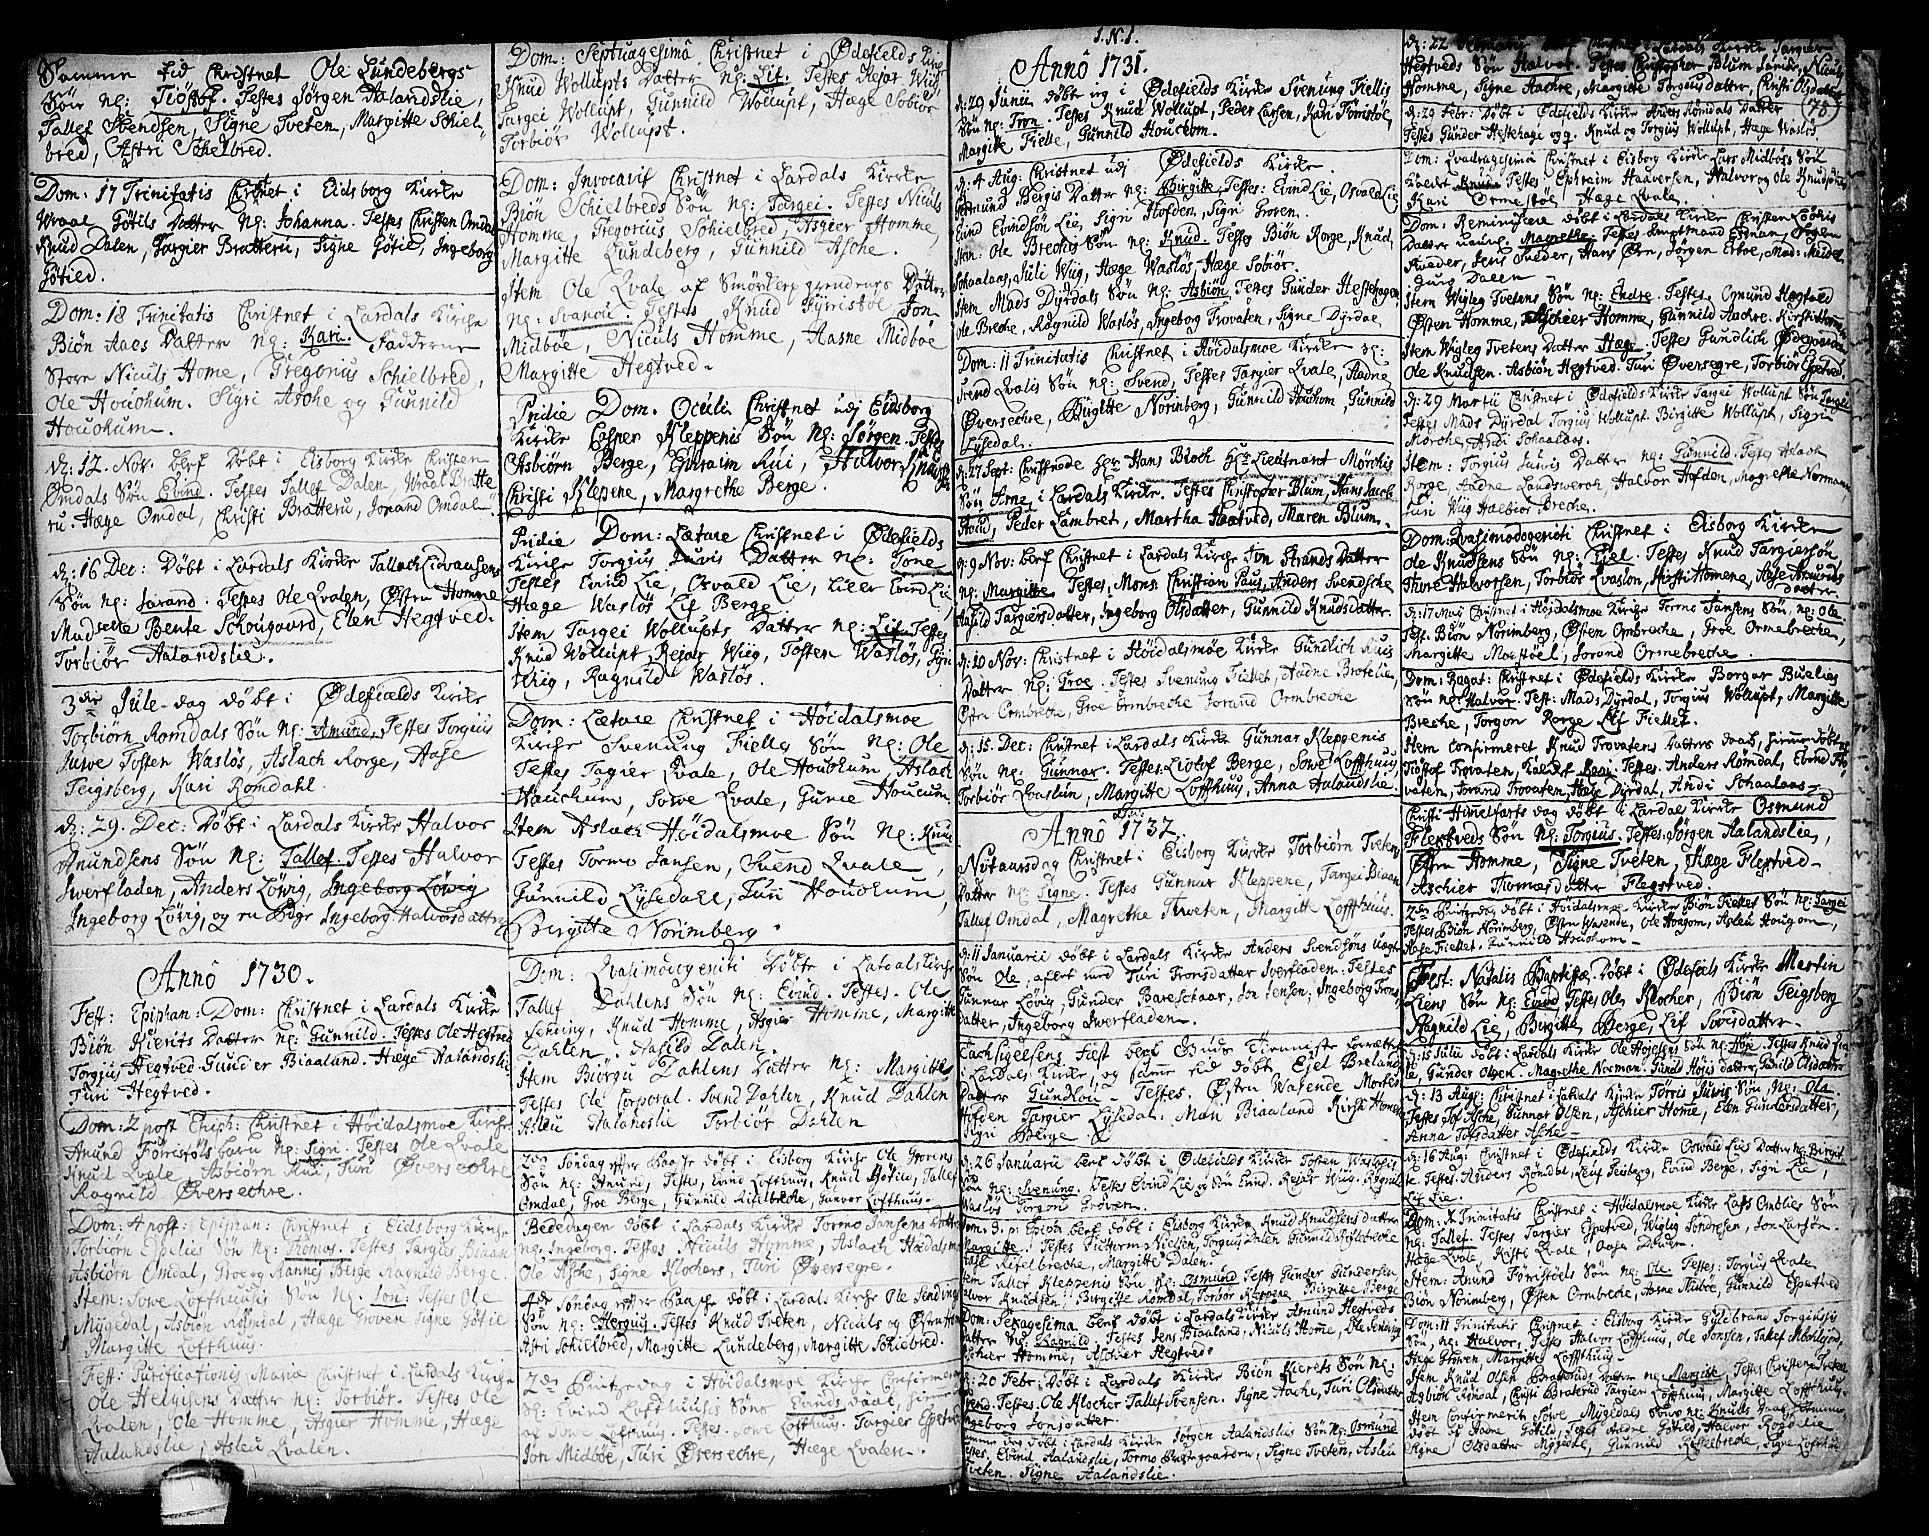 SAKO, Lårdal kirkebøker, F/Fa/L0001: Ministerialbok nr. I 1, 1721-1734, s. 78